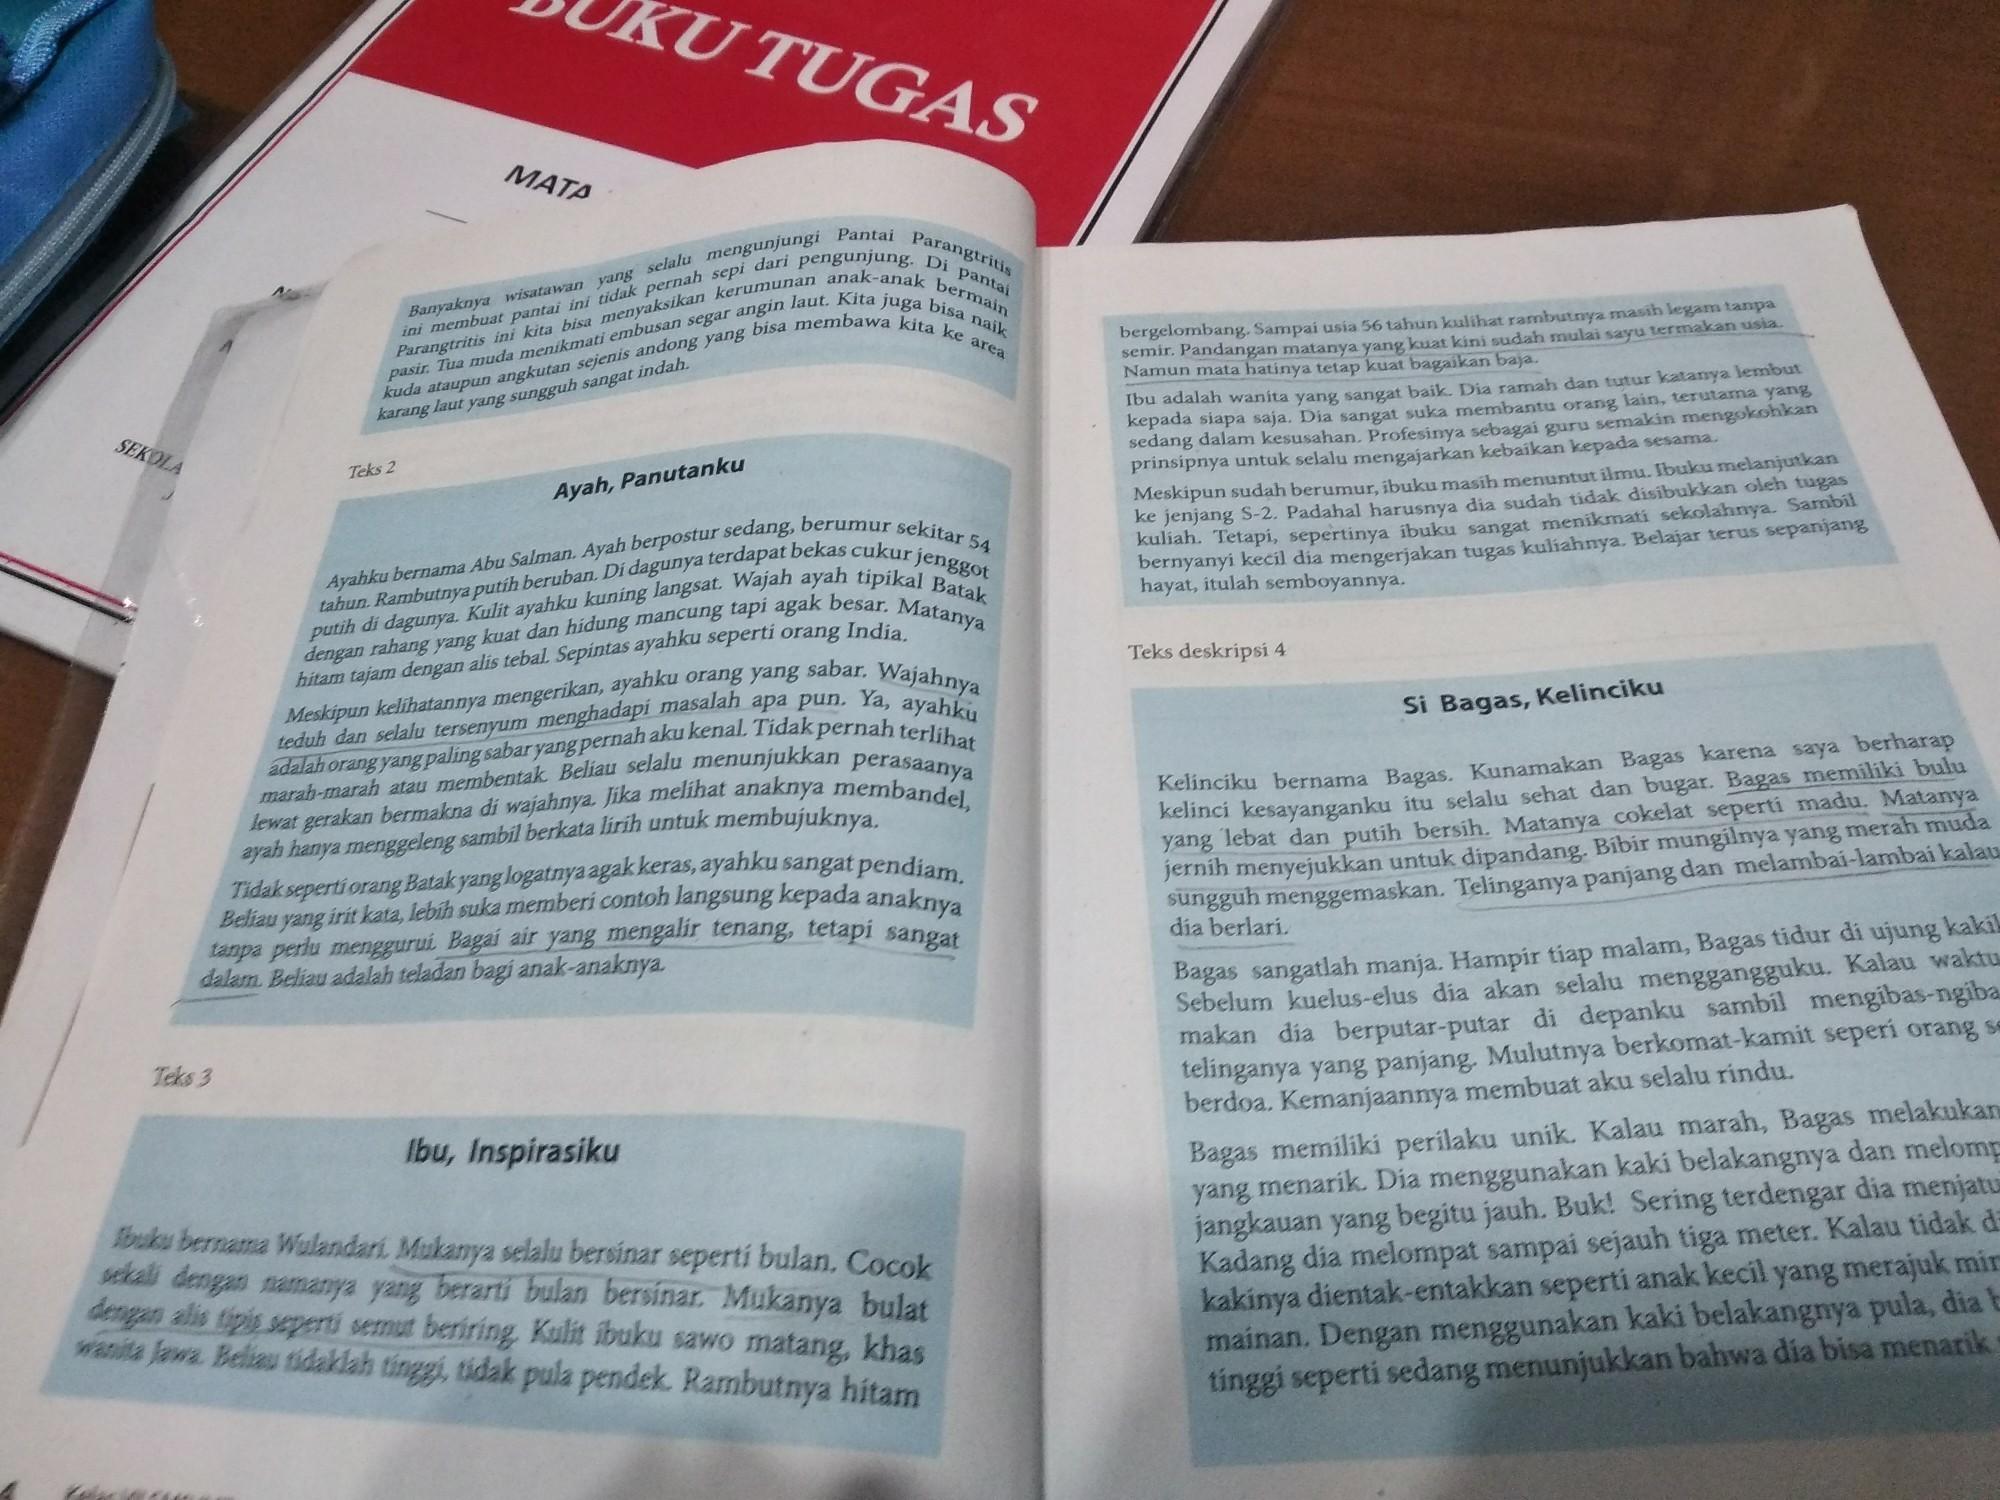 Daftarlah Kata Sifat Pada Teks 3 Ibu Inspirasiku Di Buku B Indo Kelas 7 Smp Halaman 4 Jawab Yah Brainly Co Id